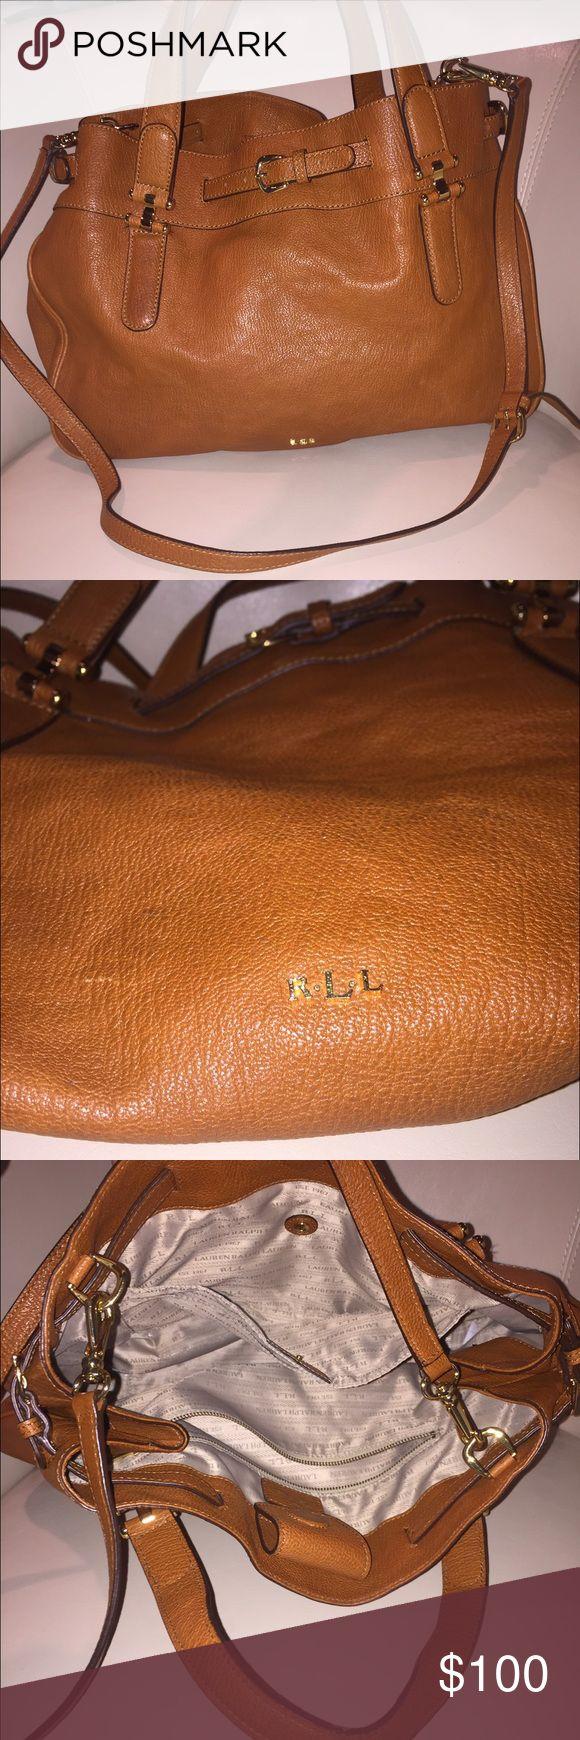 Ralph Lauren large shoulder bag Light brown Ralph Lauren crossbody bag, never before worn! Great condition, lots of storage pockets. Ralph Lauren Bags Crossbody Bags